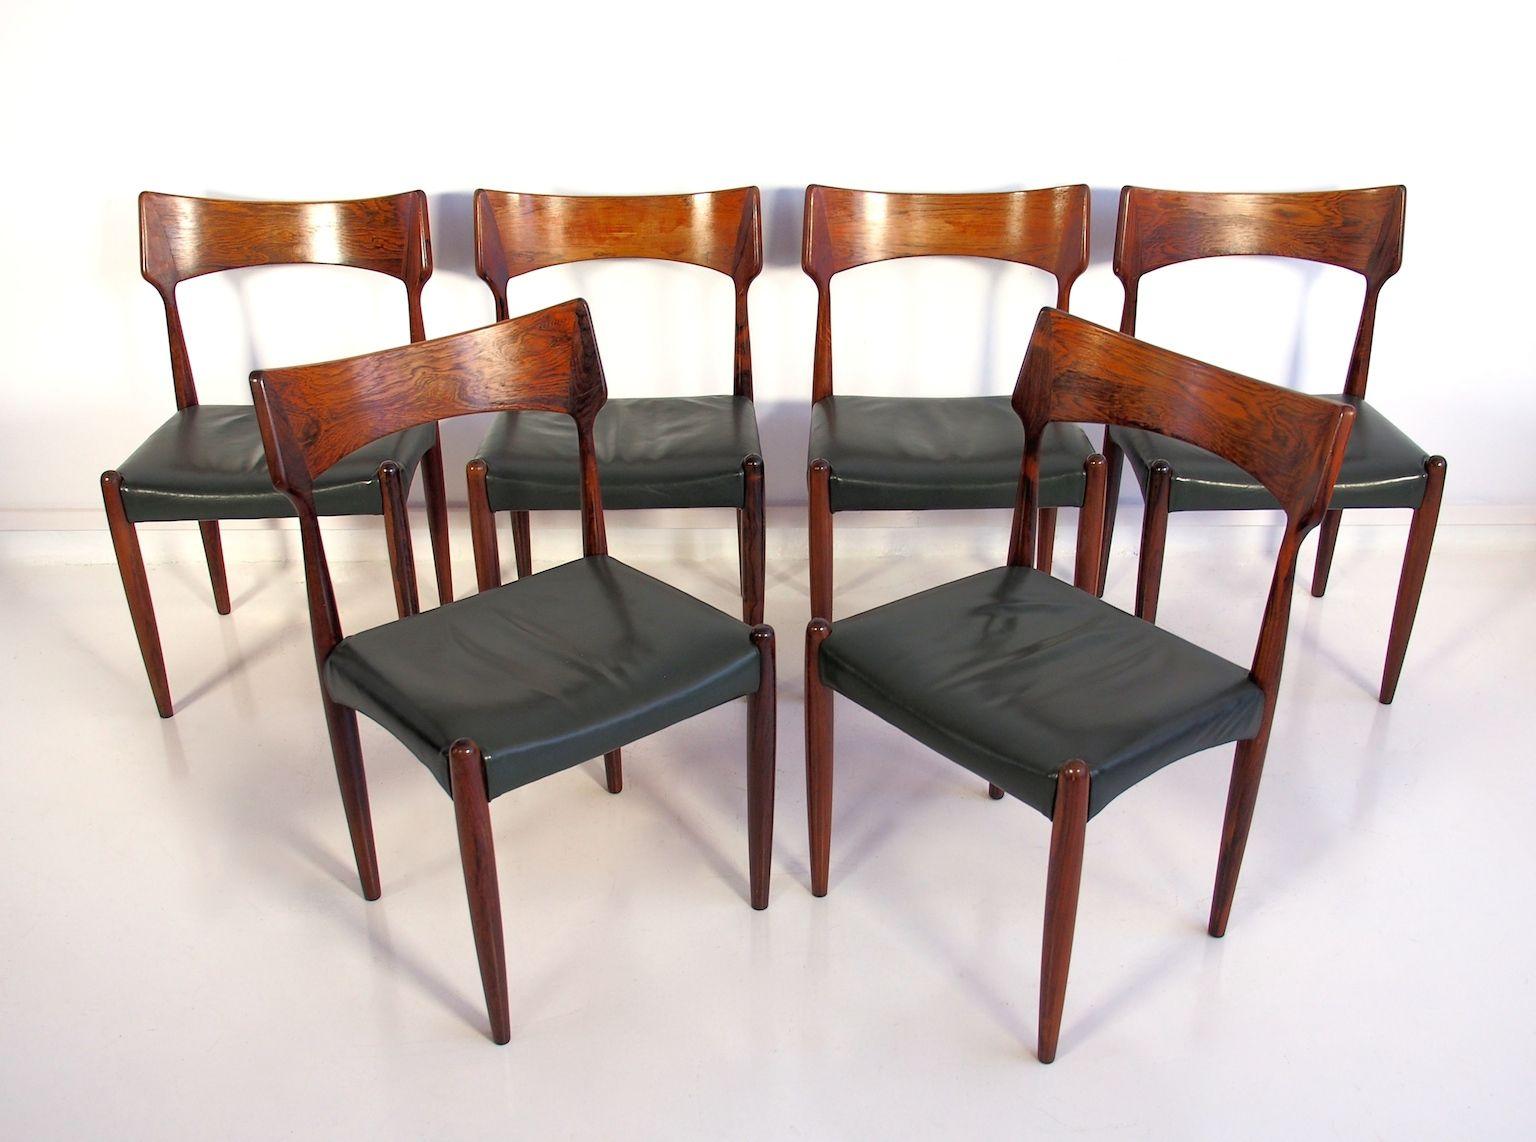 d nische mid century st hle von bernhard pedersen s n. Black Bedroom Furniture Sets. Home Design Ideas